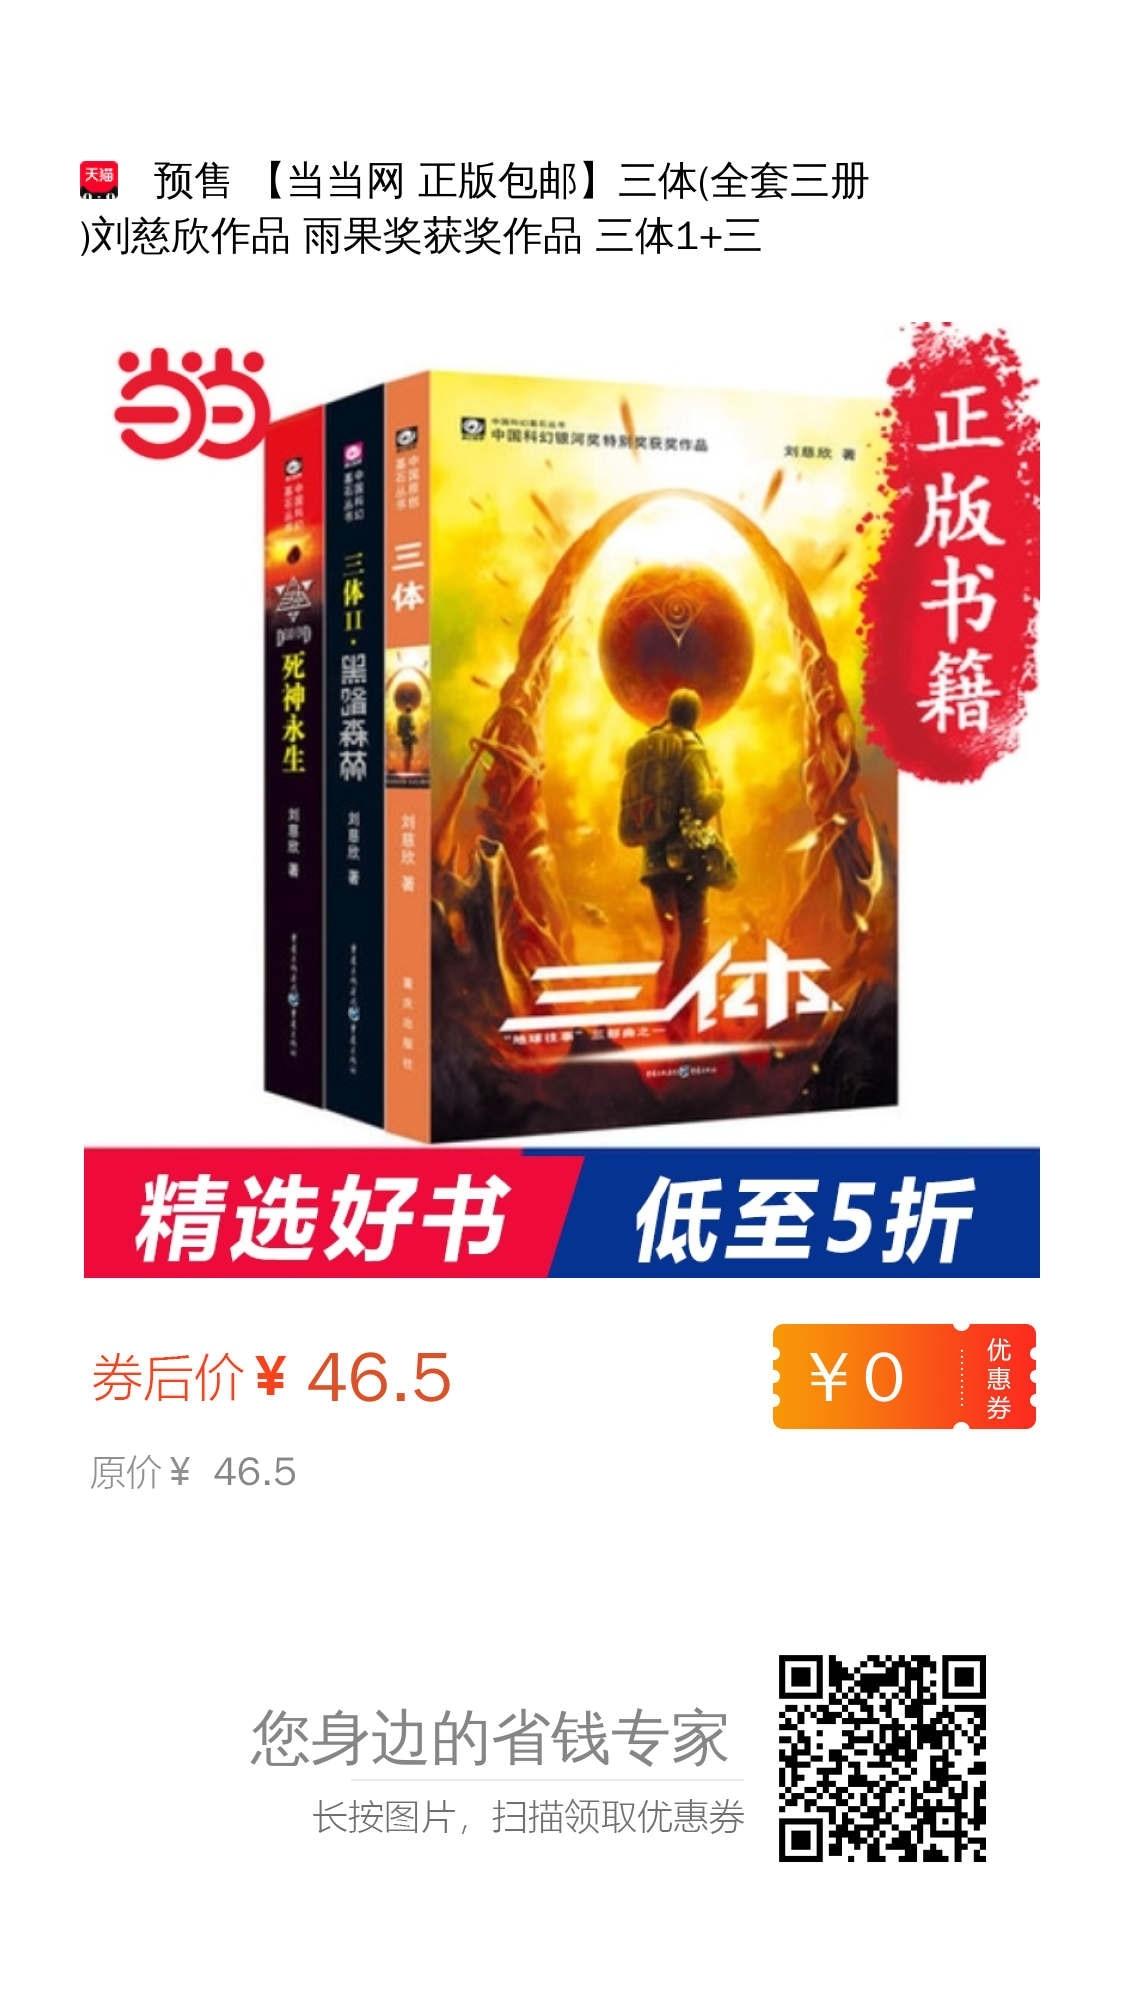 刘慈欣46部小说作品合集四种格式(.txt.epub.pdf.azw3)免费分享-爱淘数字资源馆